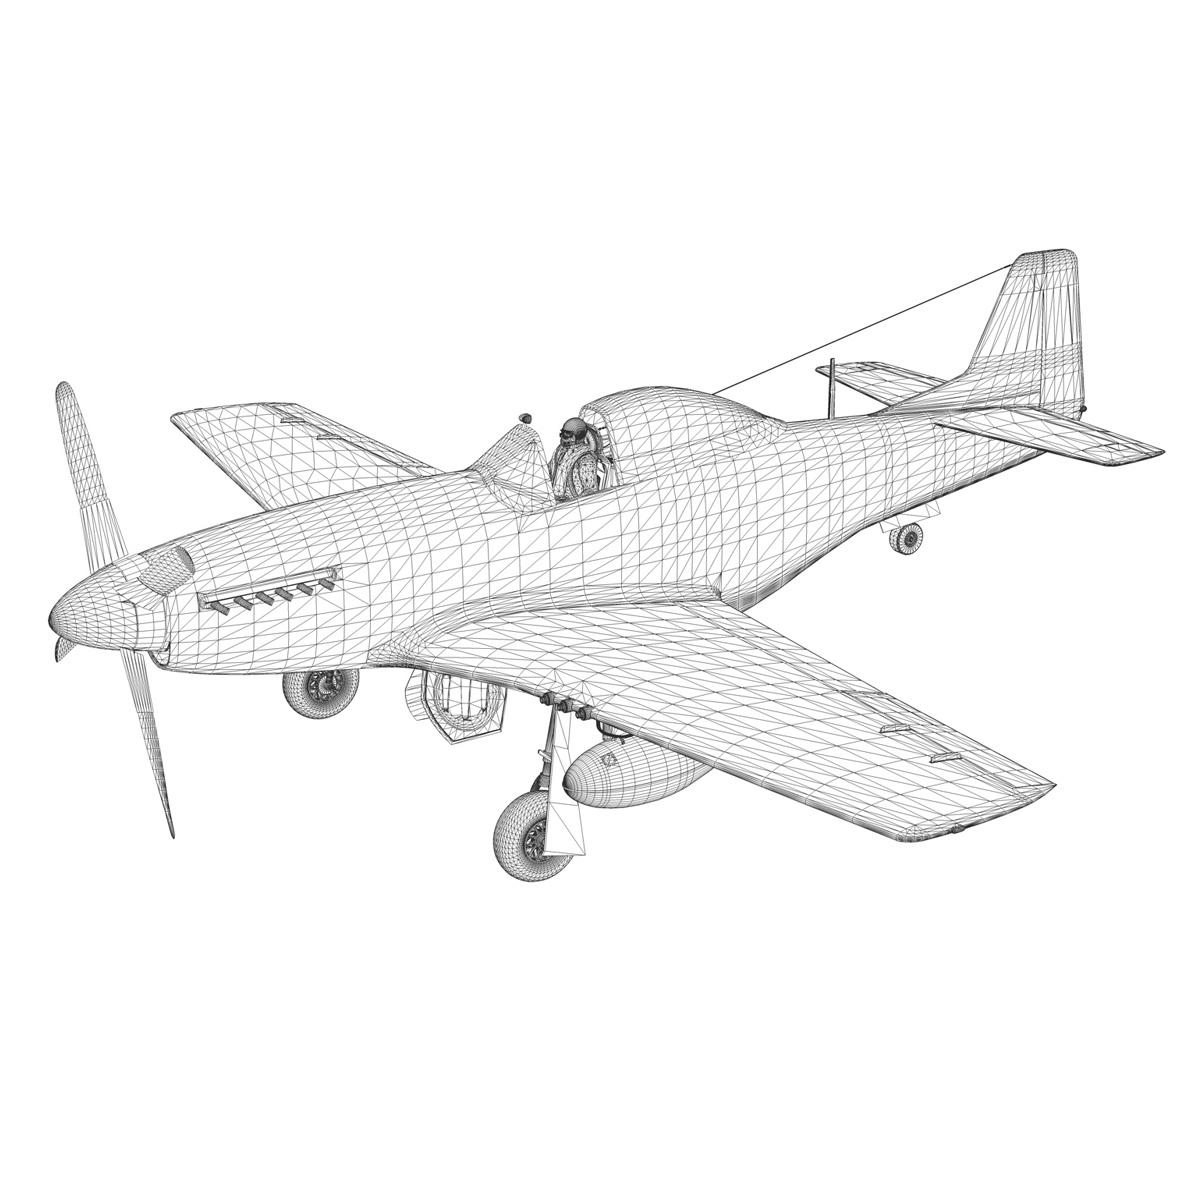 North American P-51D Mustang - IDF 3d model fbx c4d lwo lws lw obj 273325